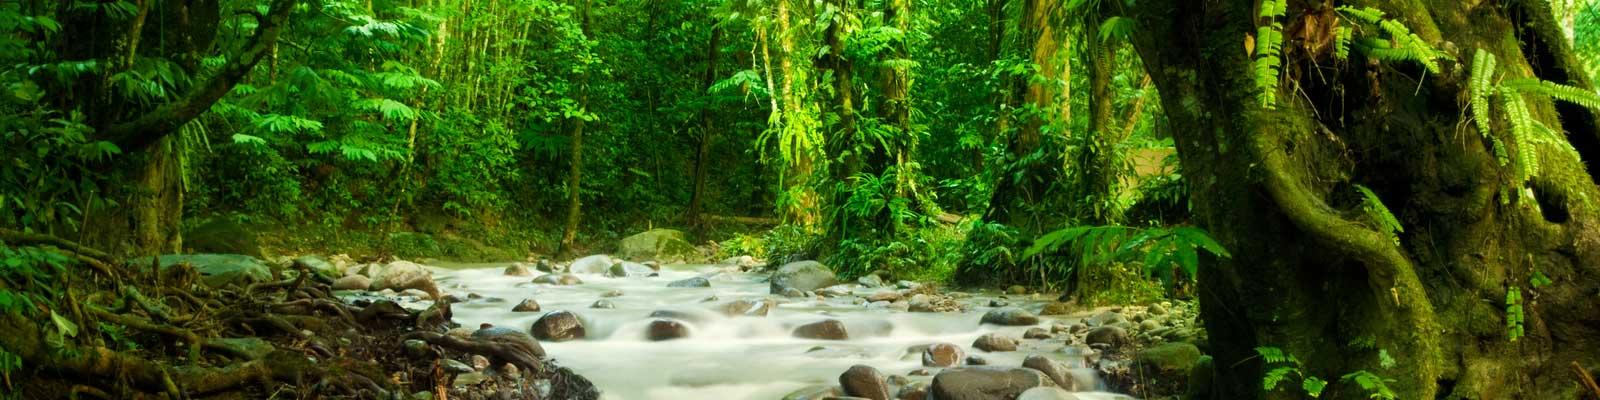 Costa Rica Compre Sua Casa Perto Das Belezas Naturais. Hotel, Resort, Passar as ferias.